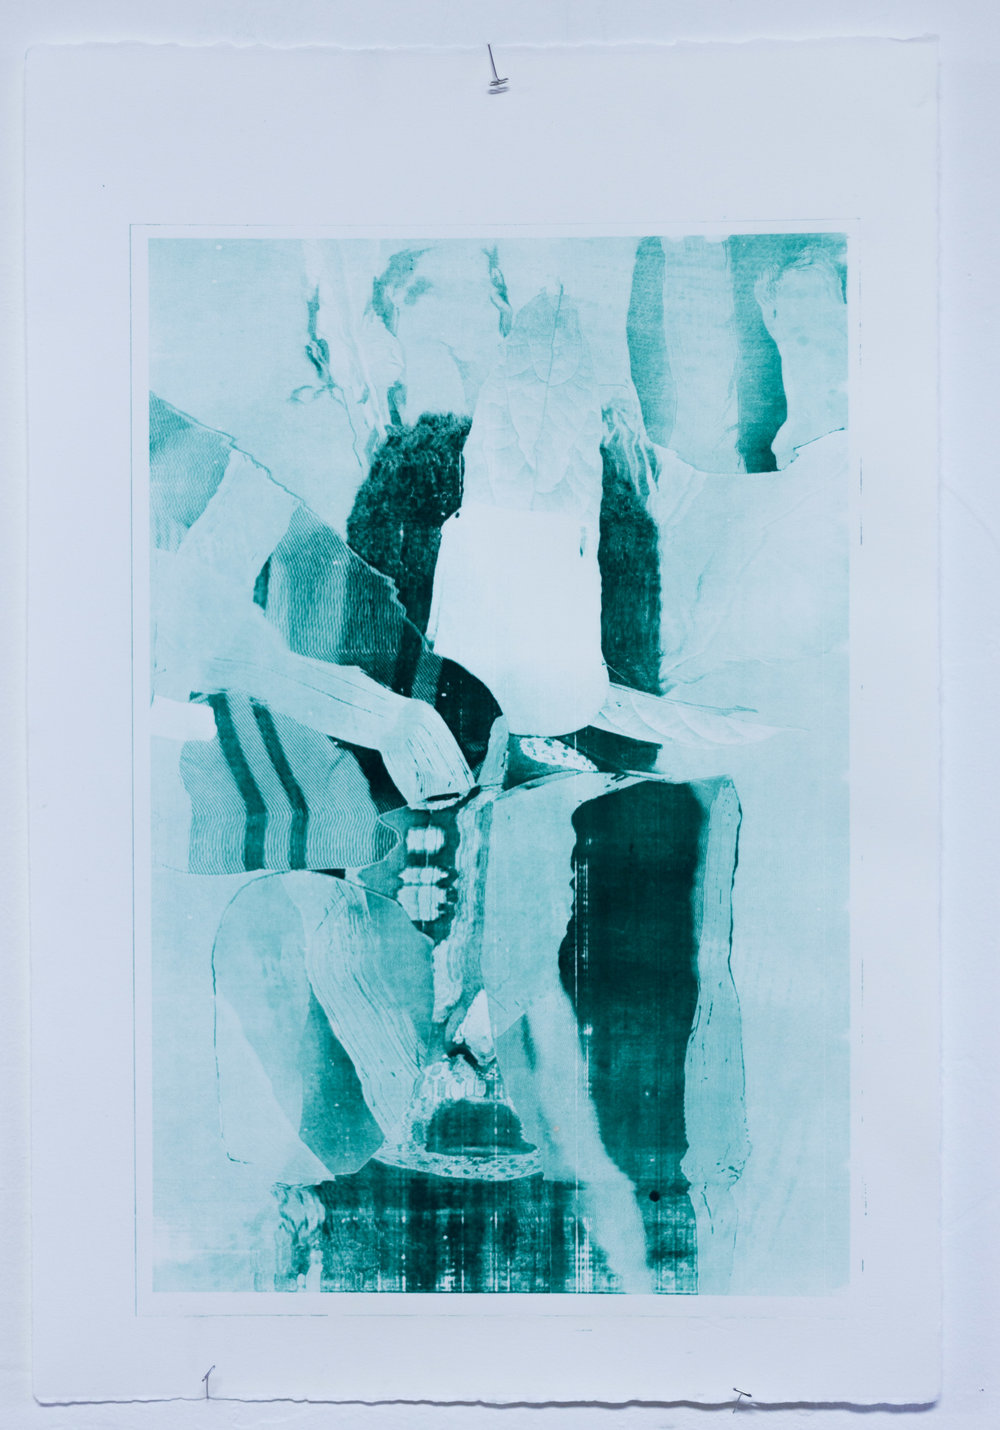 """Bosavi Phenotype #3, 18x24"""", pronto plate print, 2017"""